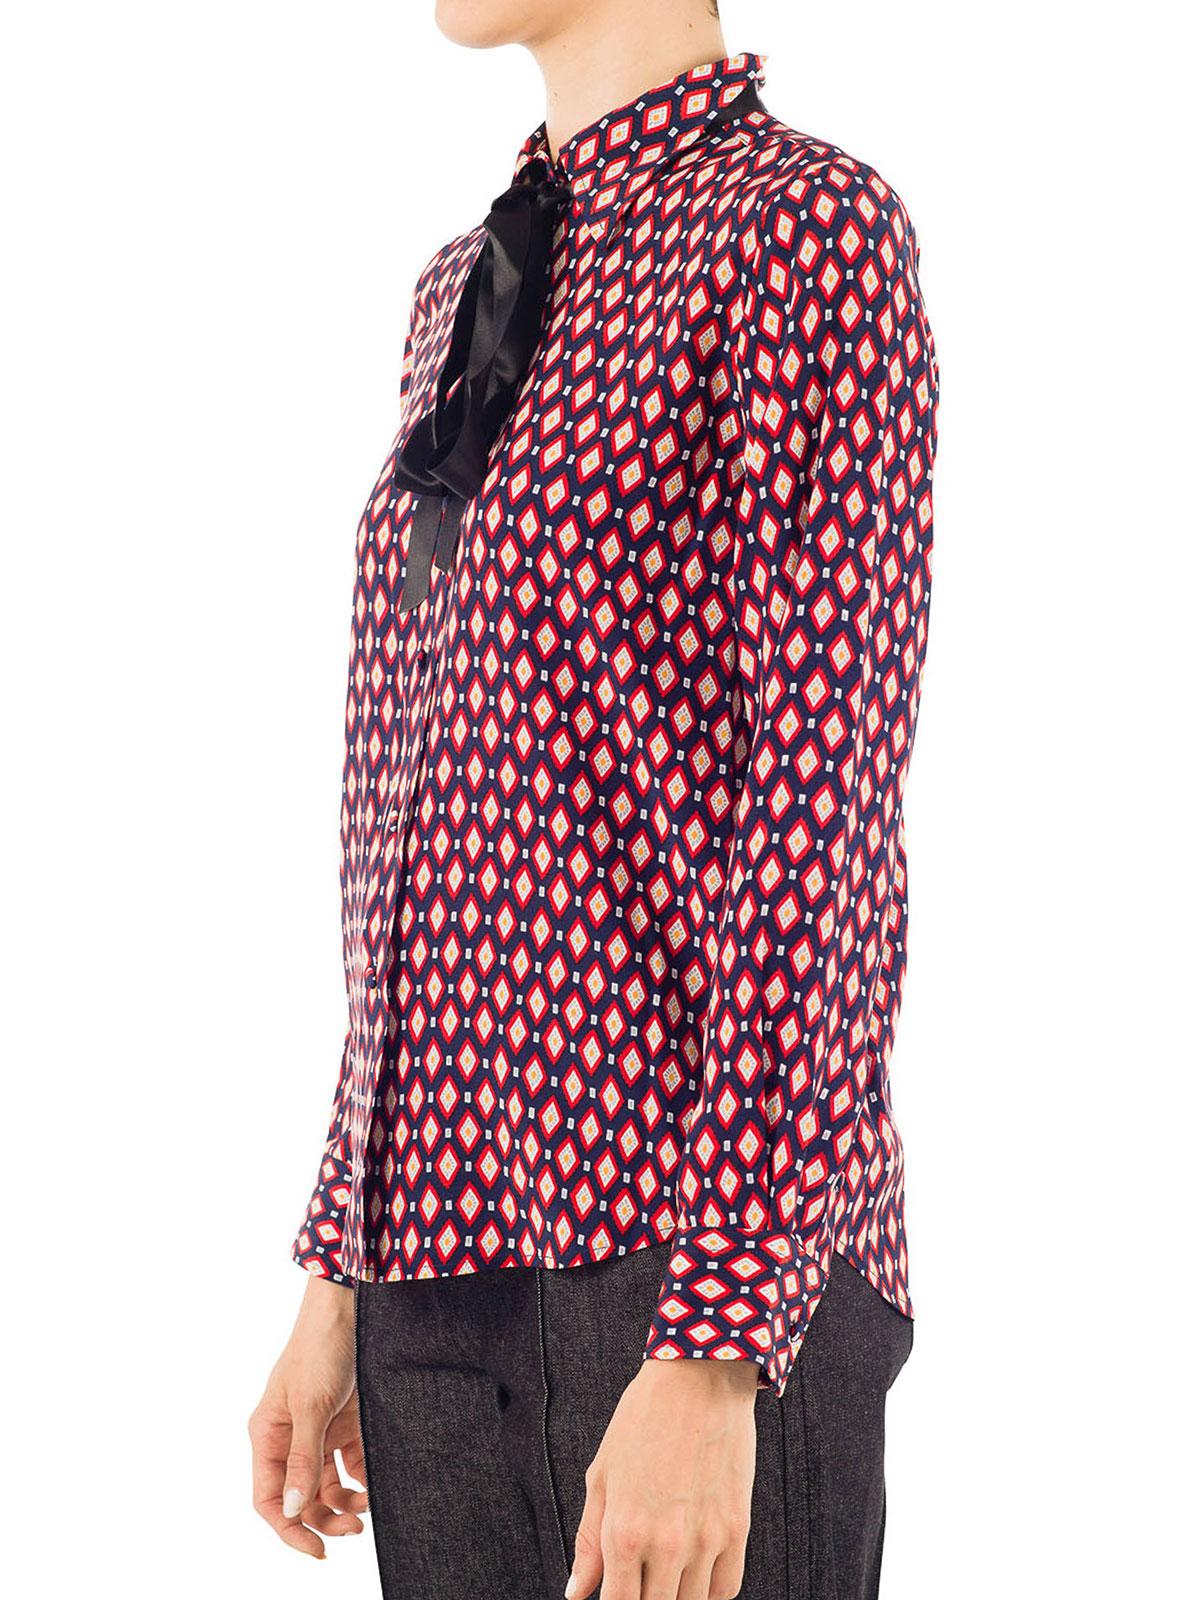 Marc Jacobs - Chemise Rouge Pour Femme - Chemises - M4005755 270 1870dc5caa69